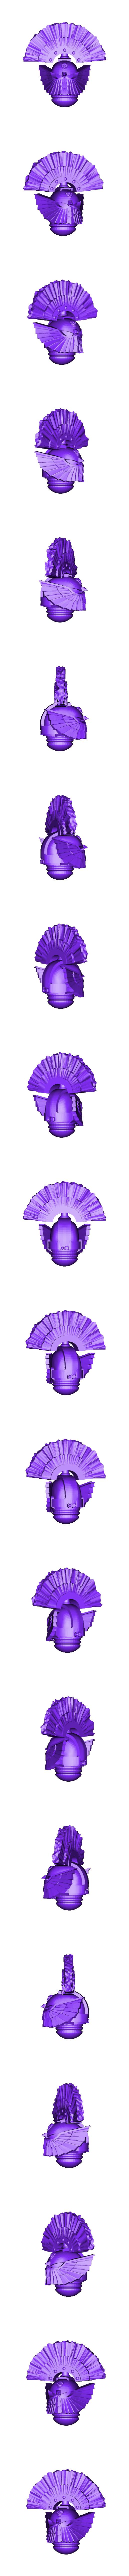 eagle_head_centurion_skull.stl Download STL file Ultra Chapter Bladeguard/Terminator upgrade set • 3D printer design, vb2341